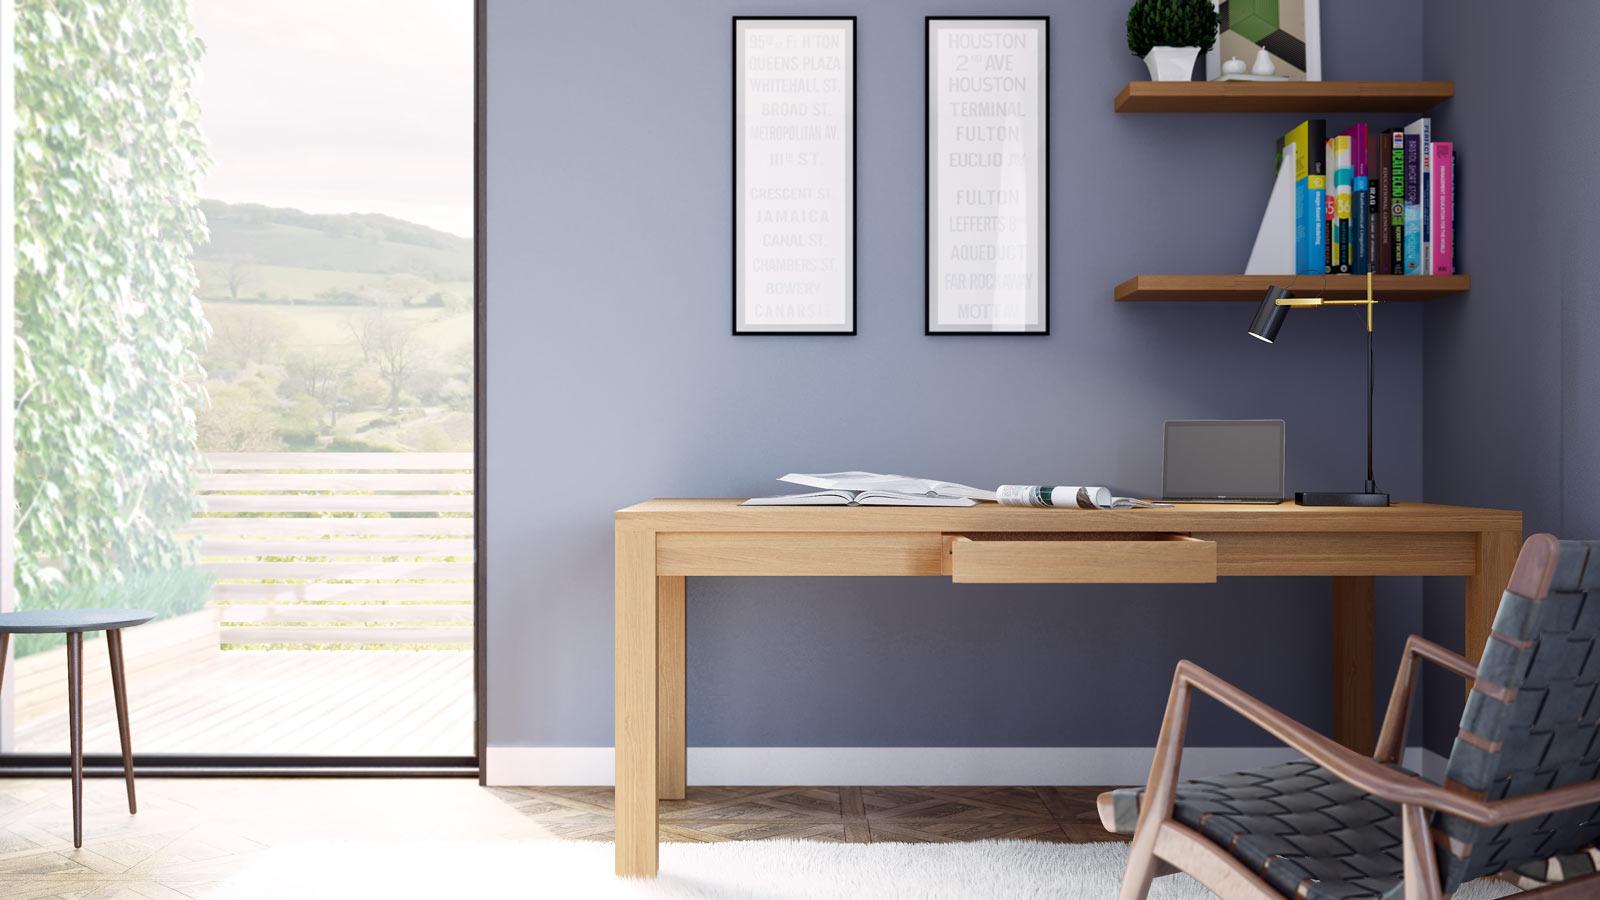 m bel selbst gestalten nach eigenem geschmack bauen und gestalten. Black Bedroom Furniture Sets. Home Design Ideas